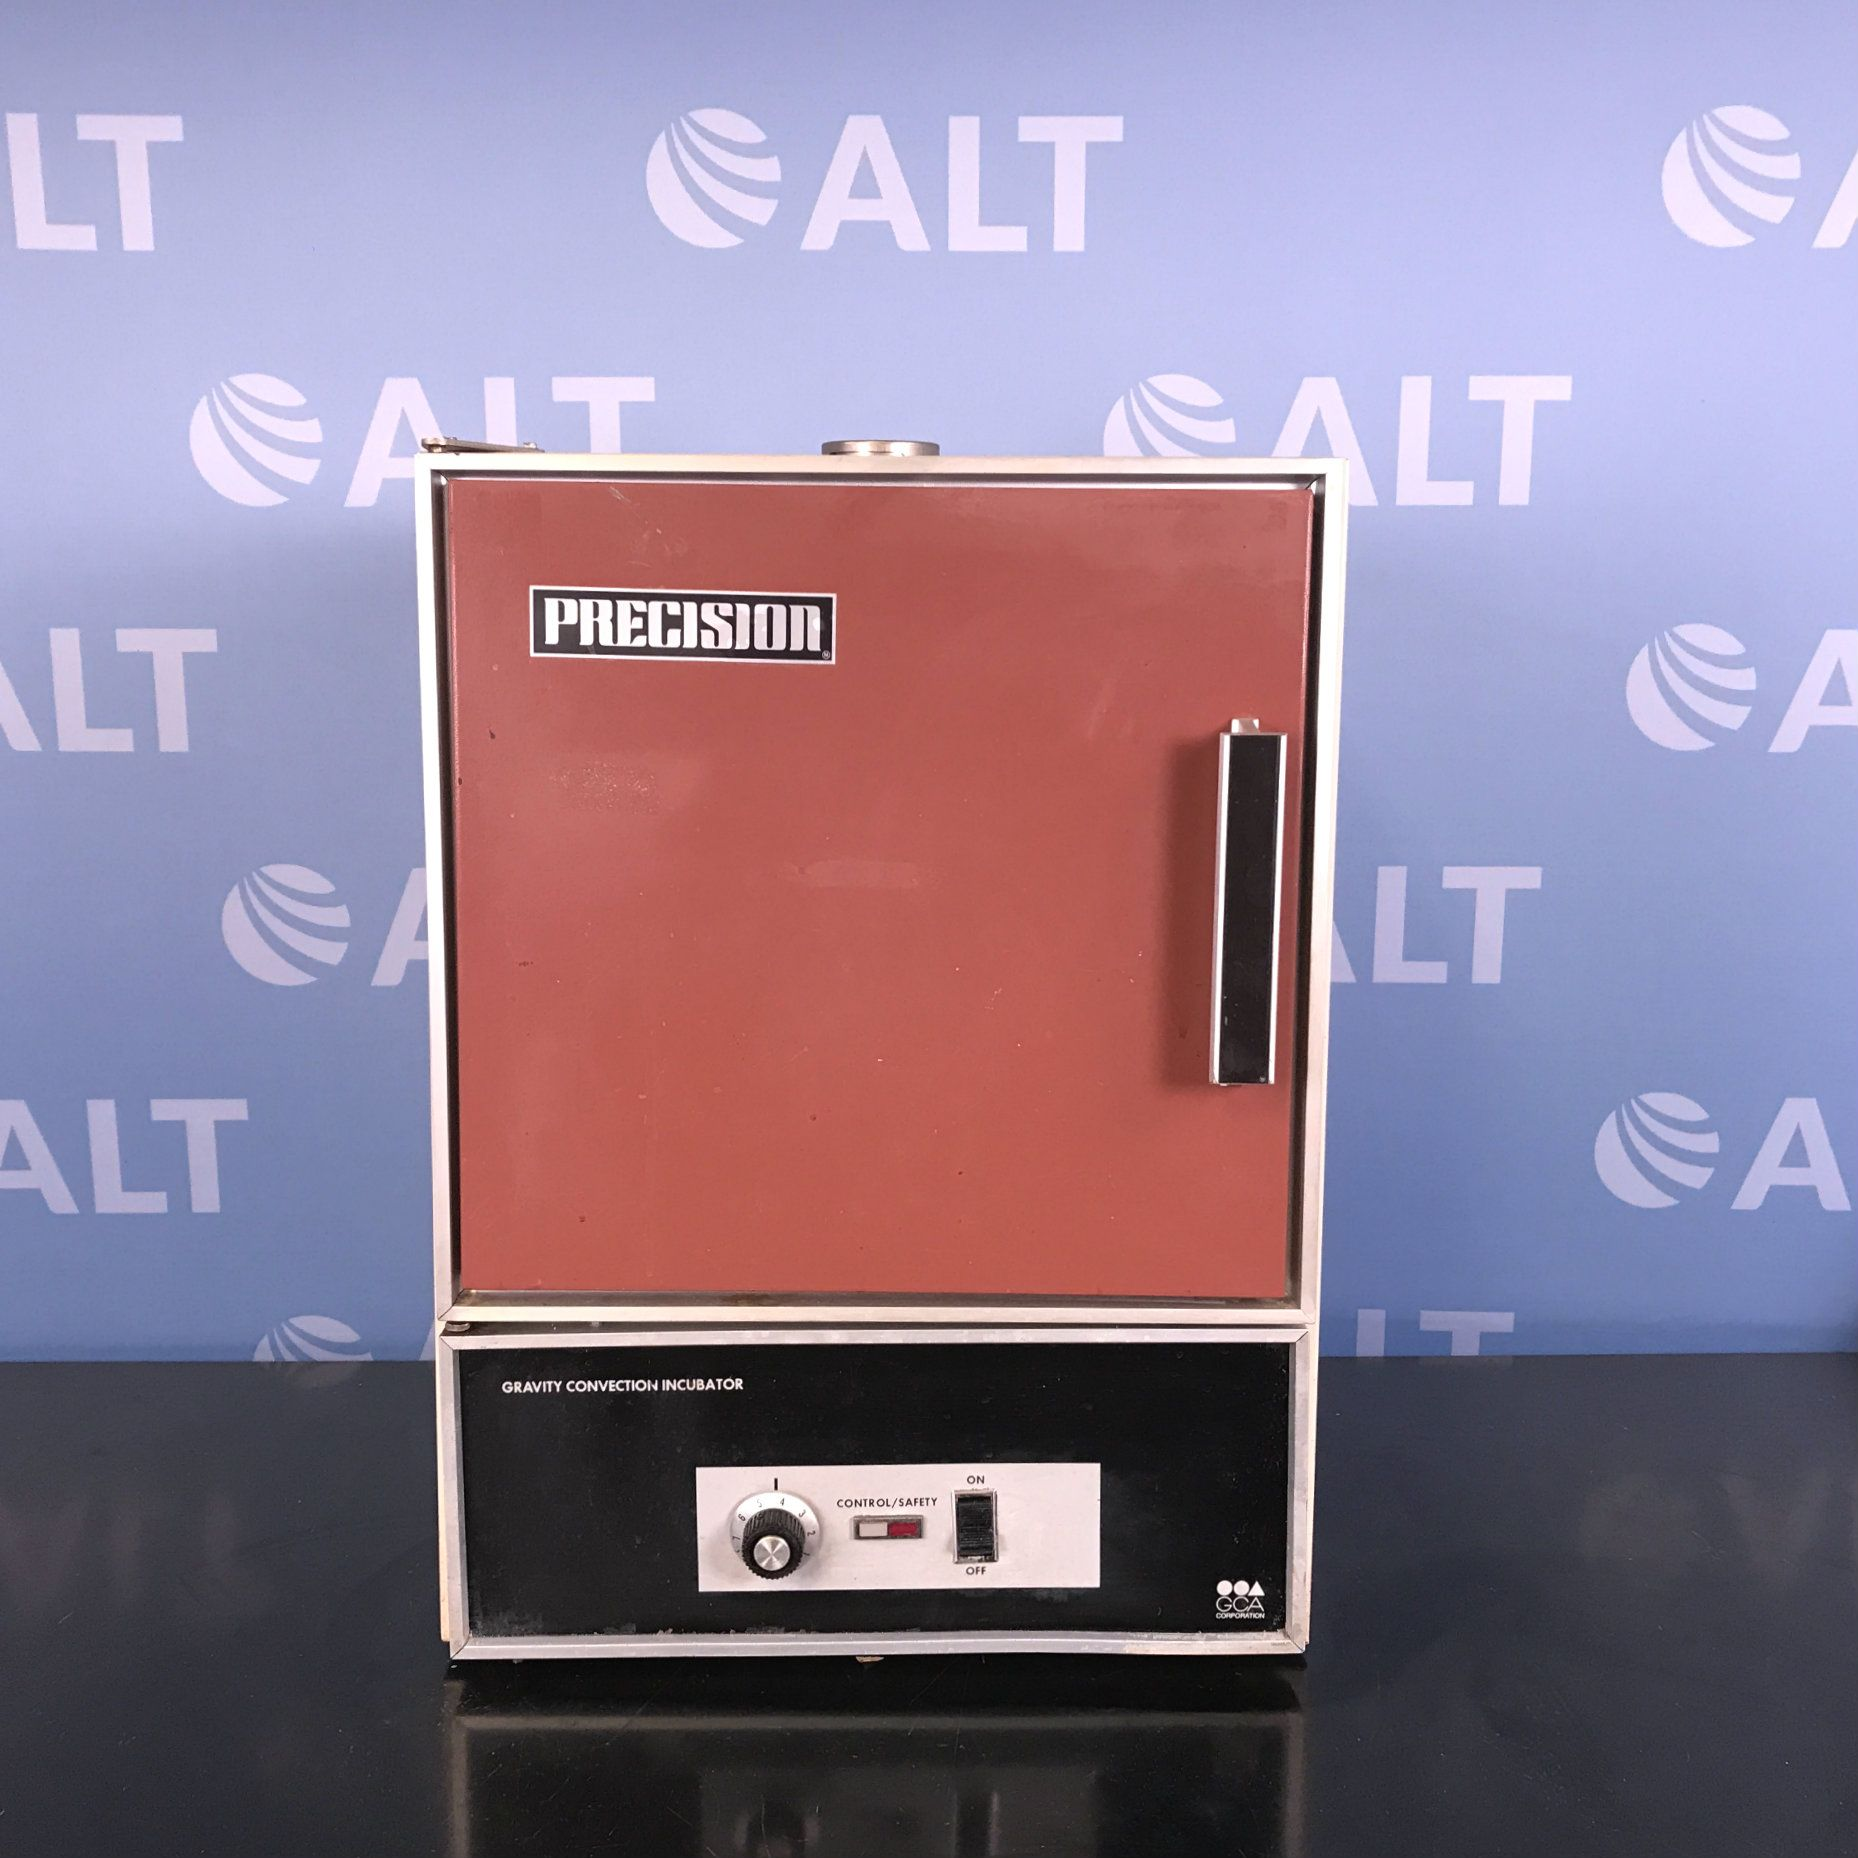 Precision Gravity Convention Incubator Model 2